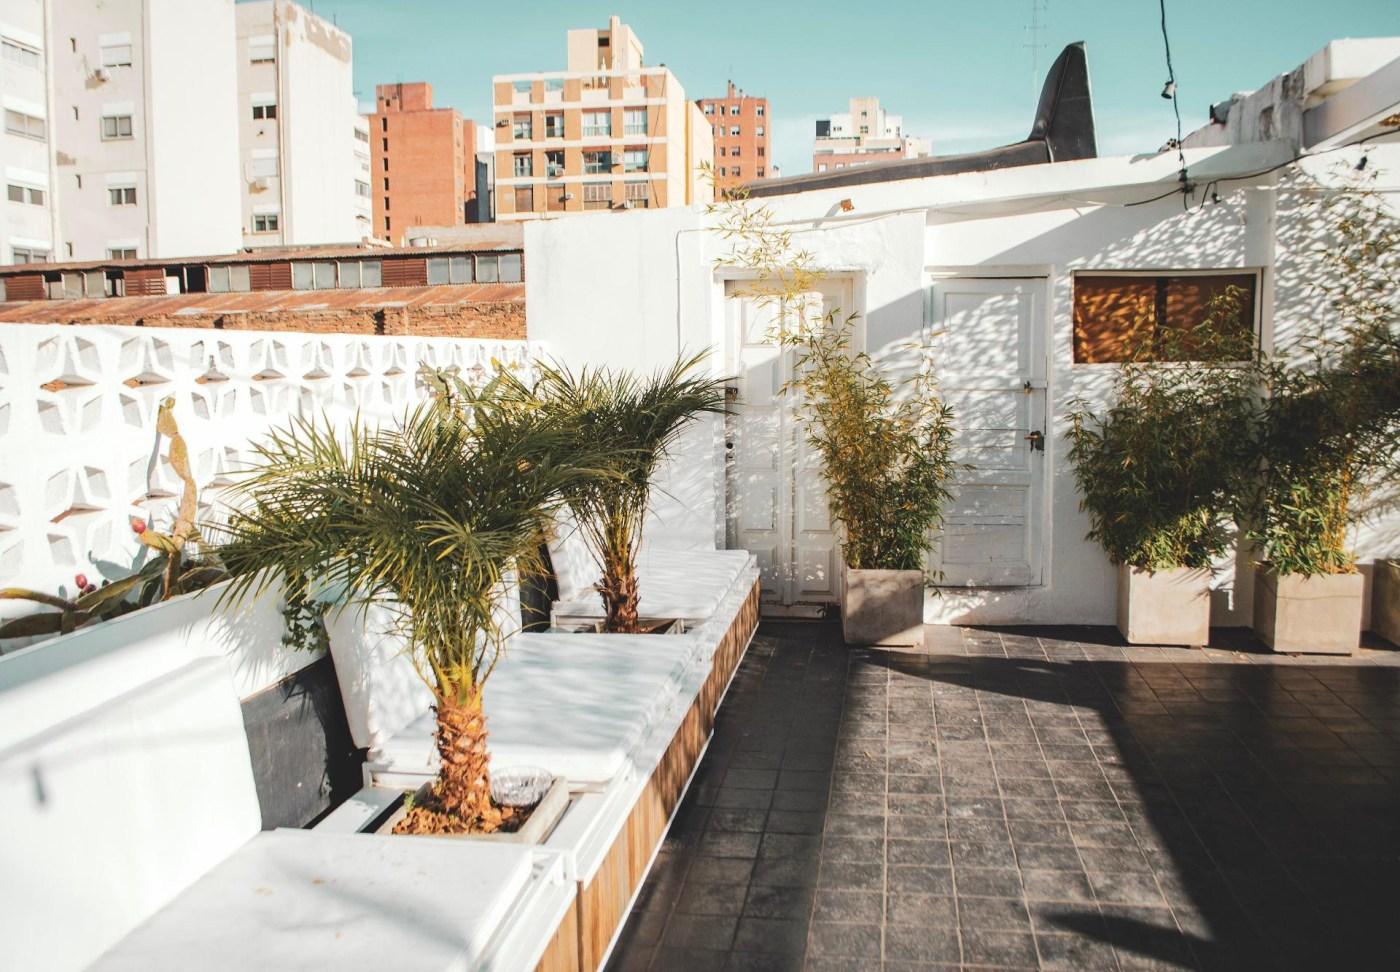 Hotéis Aldea Hostel Córdoba, Córdoba - Skyscanner